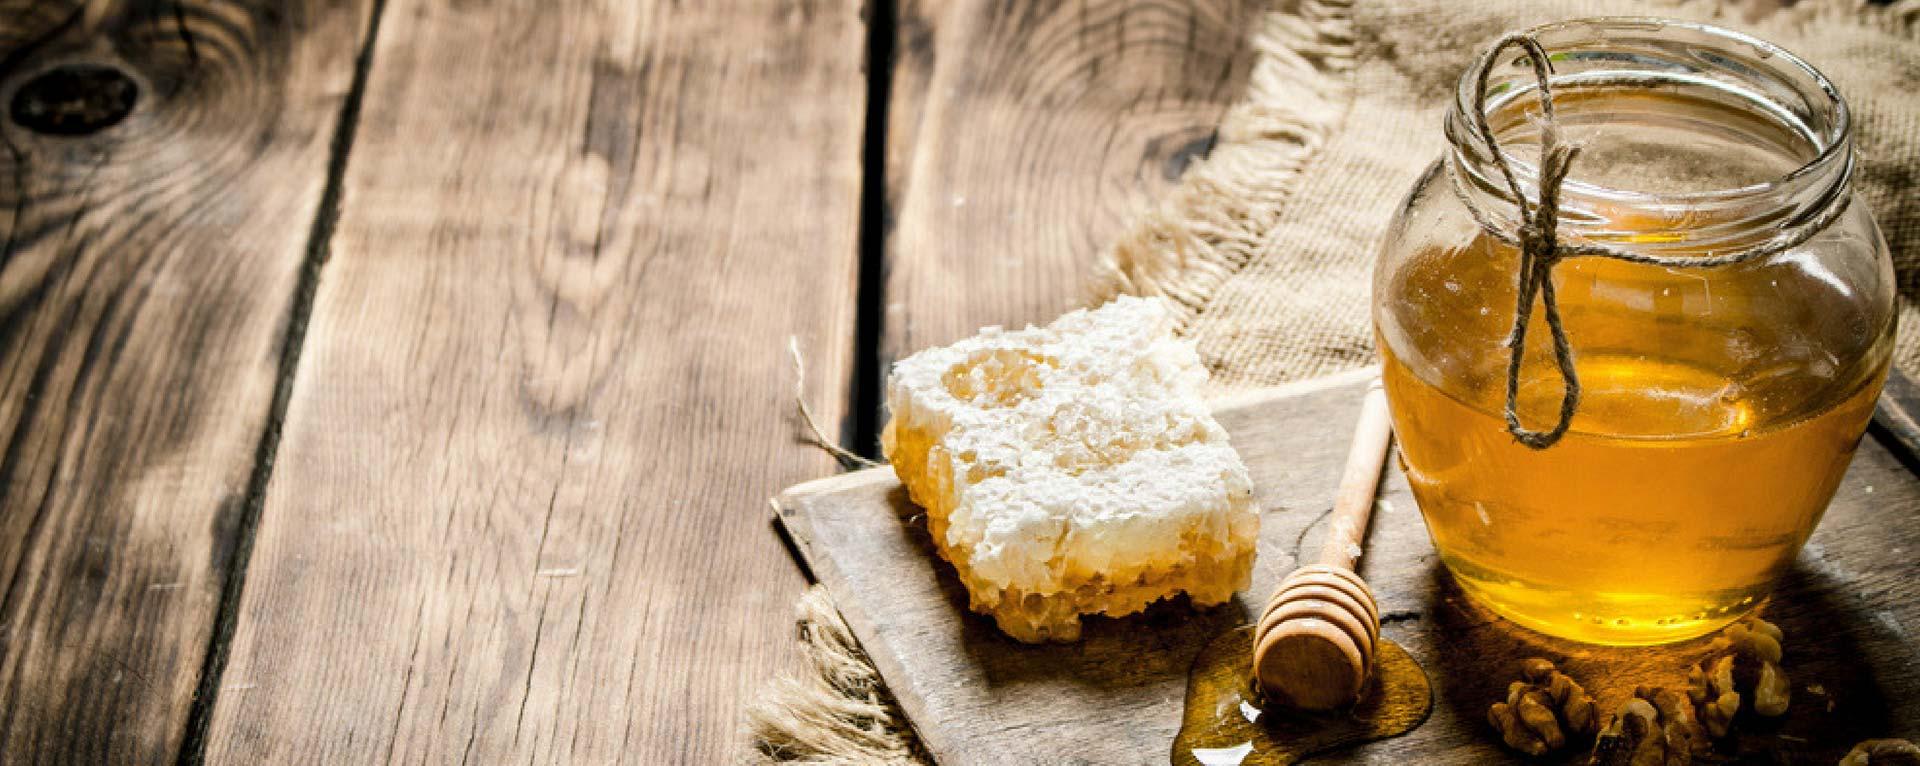 Sucedáneo de miel en tus aplicaciones: optimizando y actualizando tus productos